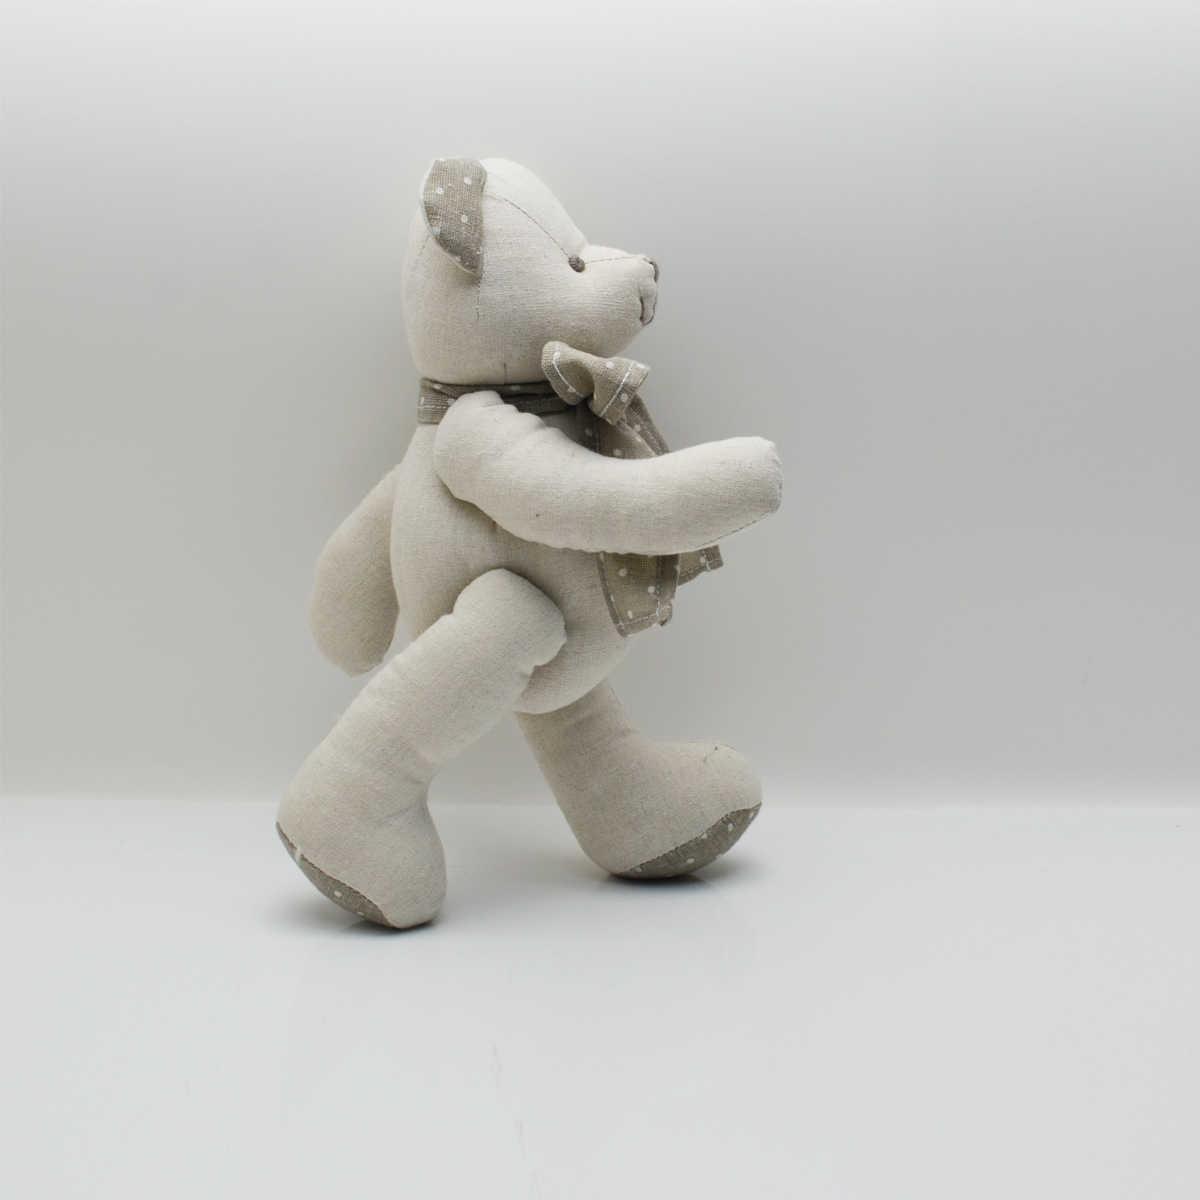 15cm Premium uroczy miś pluszaki lalki piękne dziecko Nursey tkaniny zabawki bawełniane ręcznie robione Mini wspólne niedźwiedź pluszowe zabawki